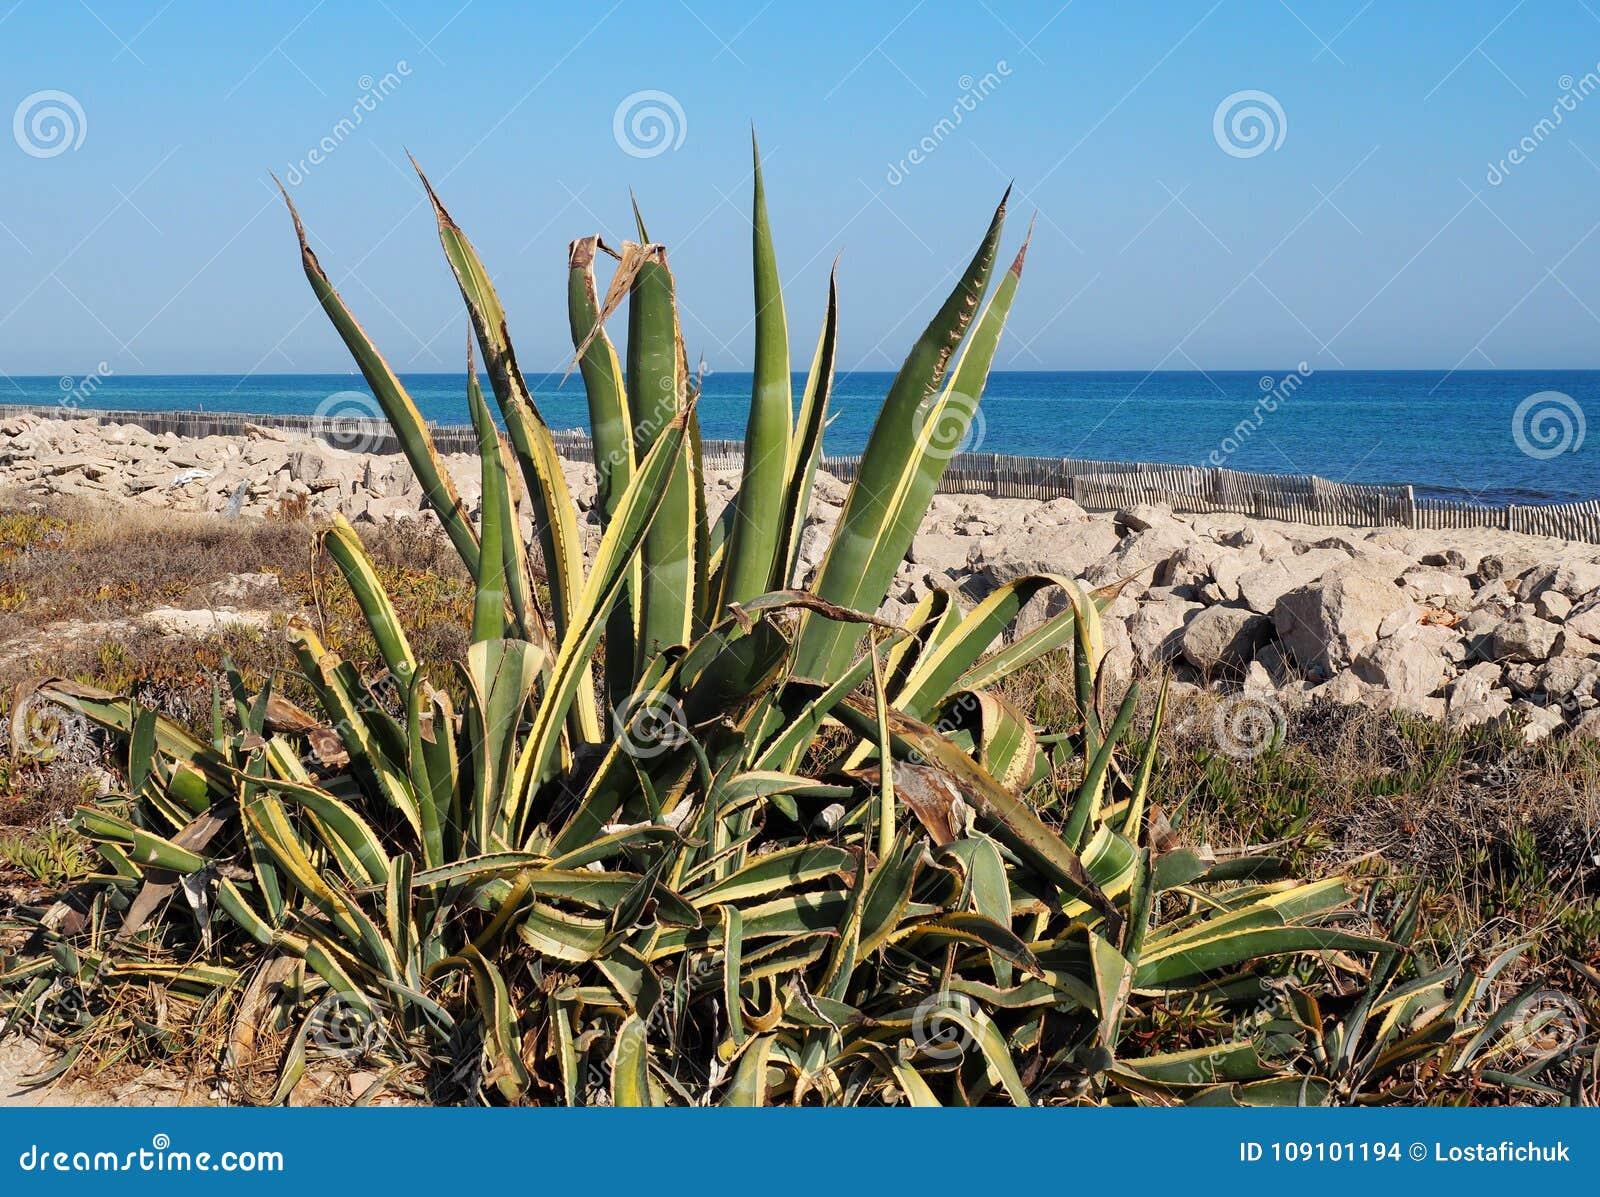 Agave referente à cultura norte-americana ou planta de século Ilha Barreta Portugal